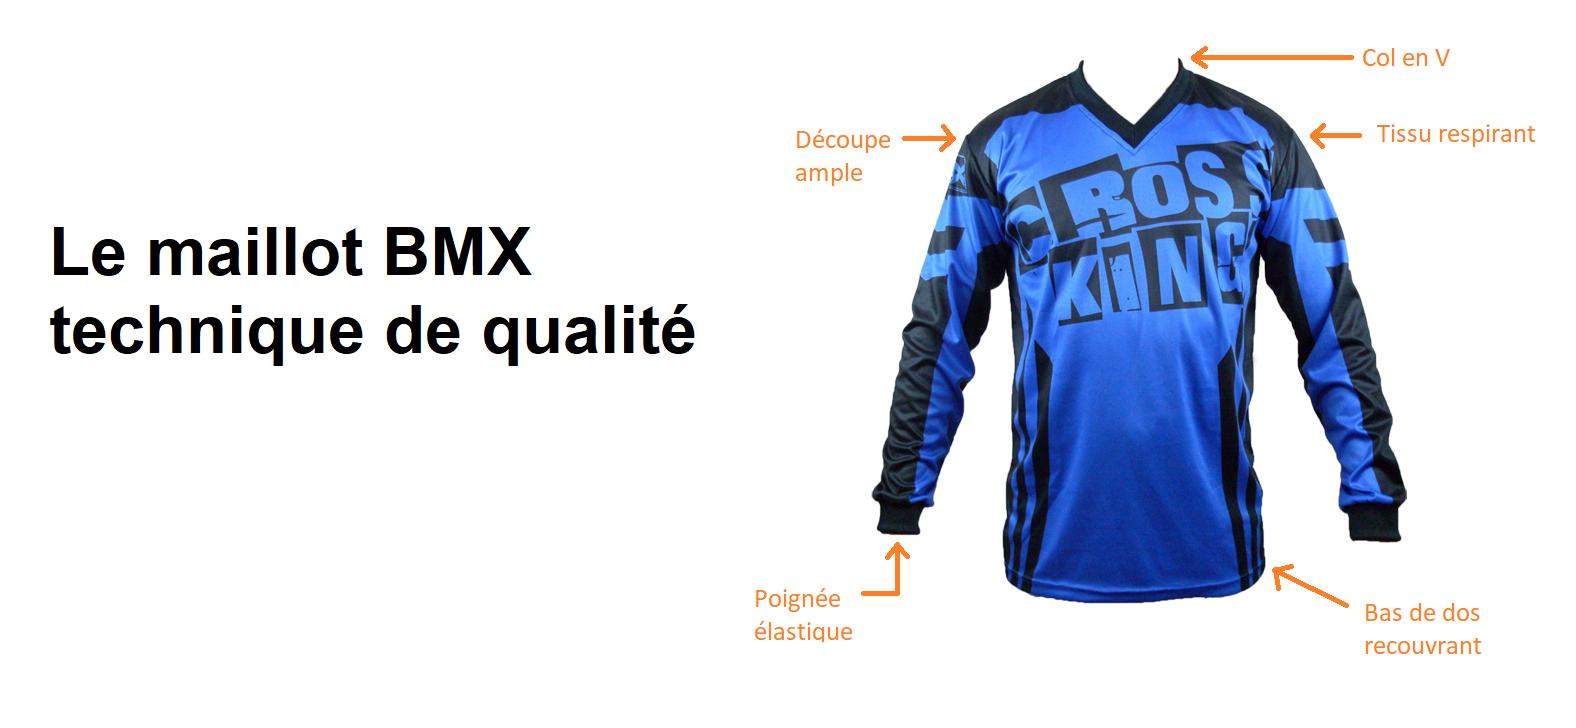 Maillot BMX